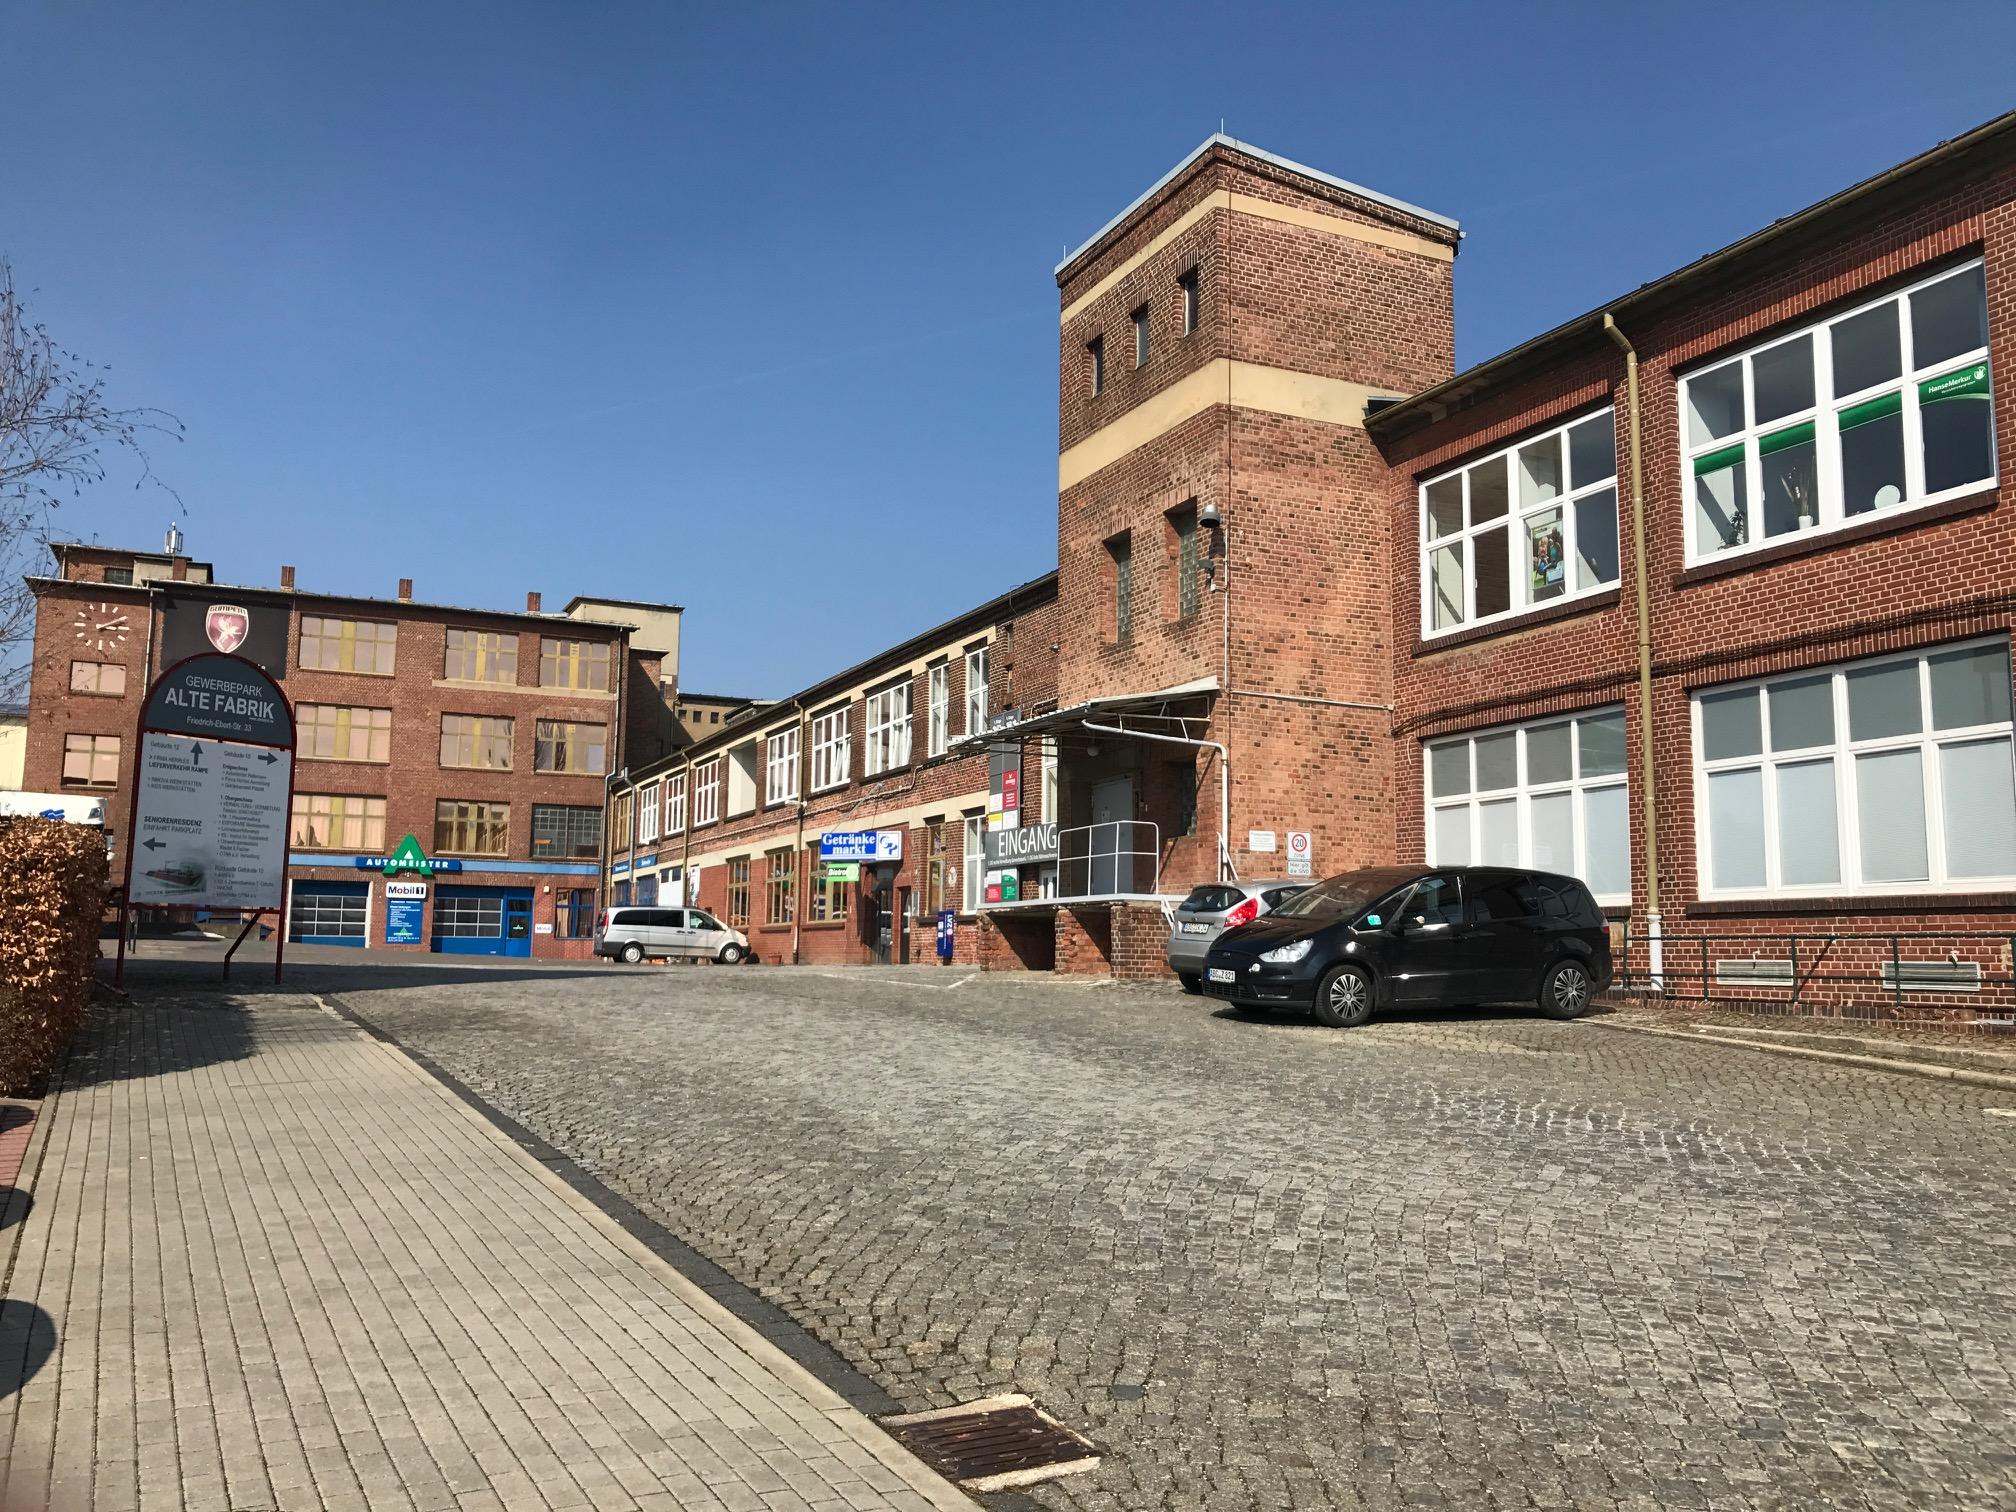 Tag der offenen Tür im Gewerbepark Alte Fabrik GmbH & Co. KG